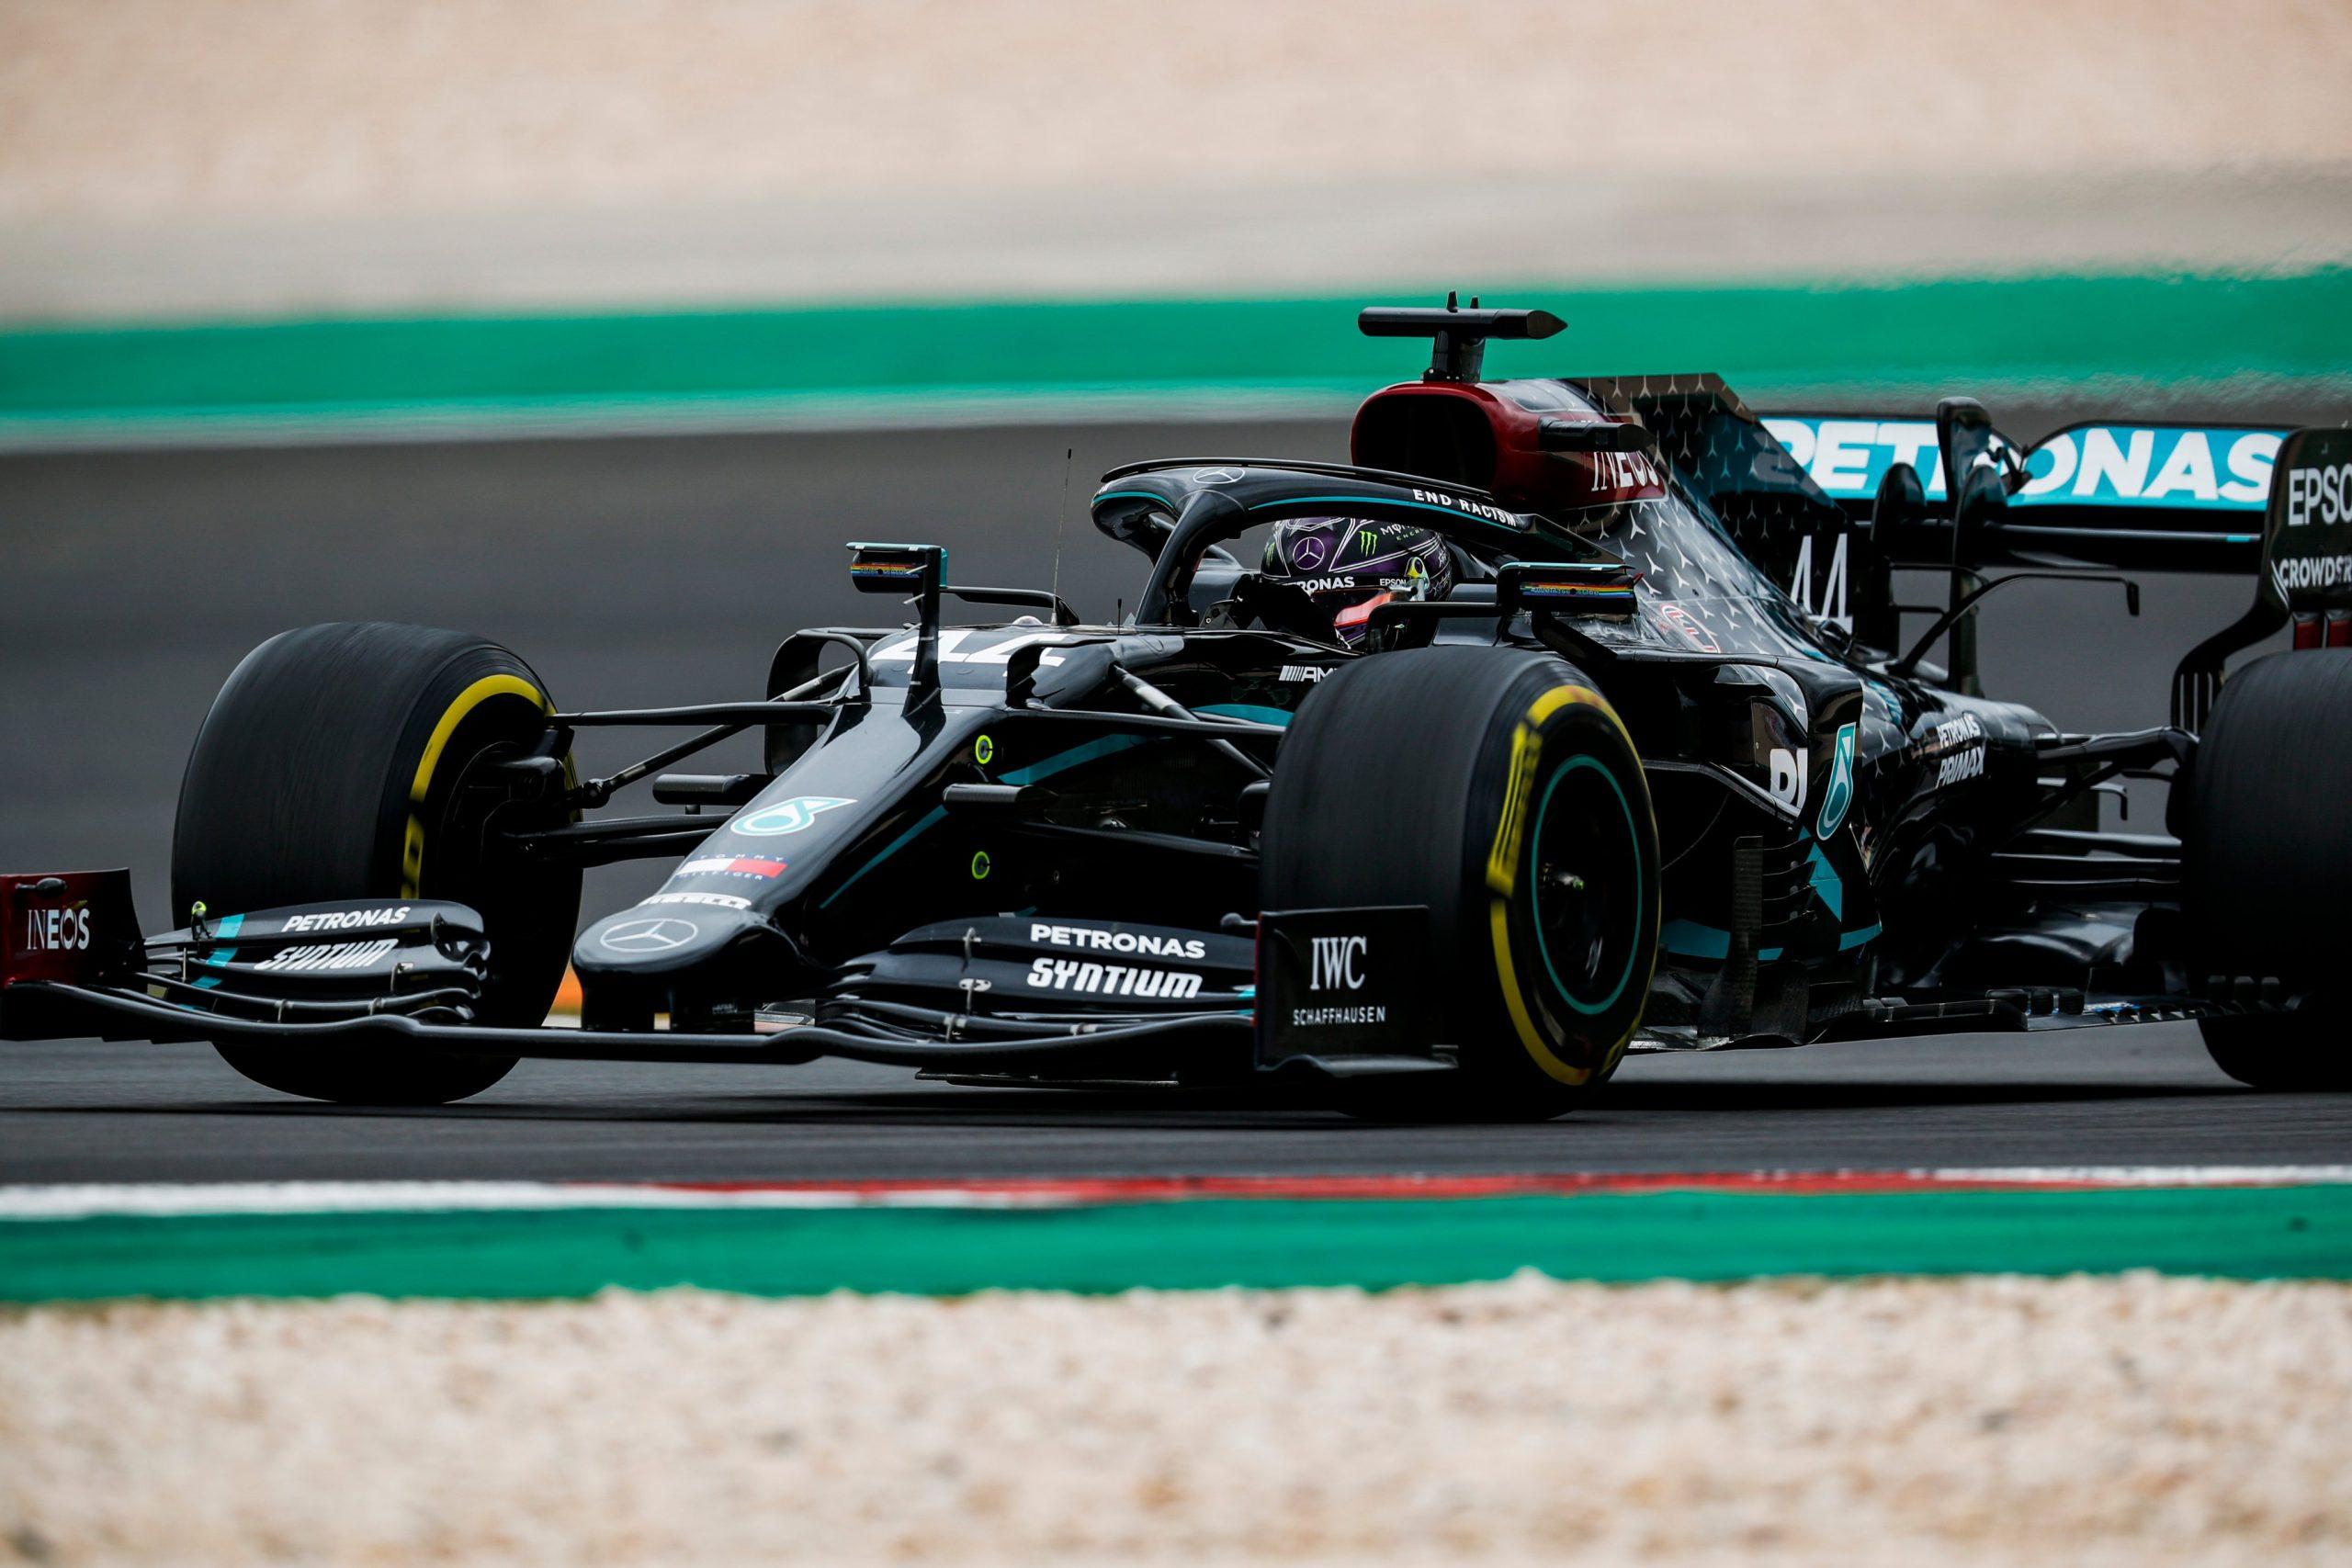 Хэмилтон выиграл Гран-при Португалии 2020 года и побил рекорд Шумахера, Квят финишировал последним